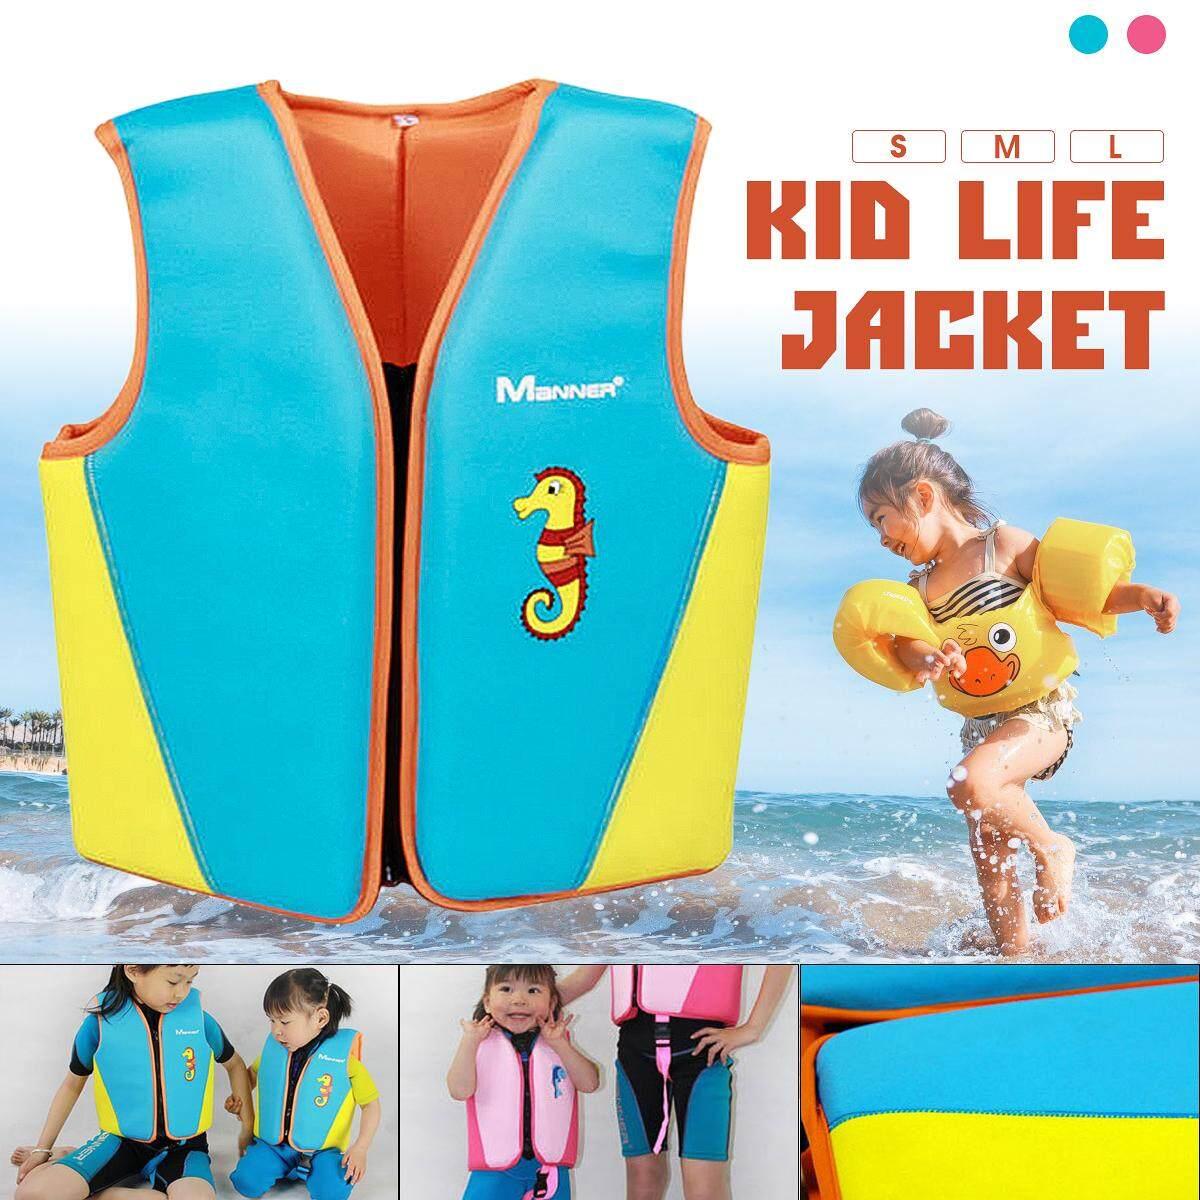 Tantan Rompi Pelampung Renang Swim Vest Biru Daftar Harga Terbaru Abc Pool School Sz S Anak Jaket Berenang Pelatihan Float Baju Santai Bantuan Untuk Inflatable L